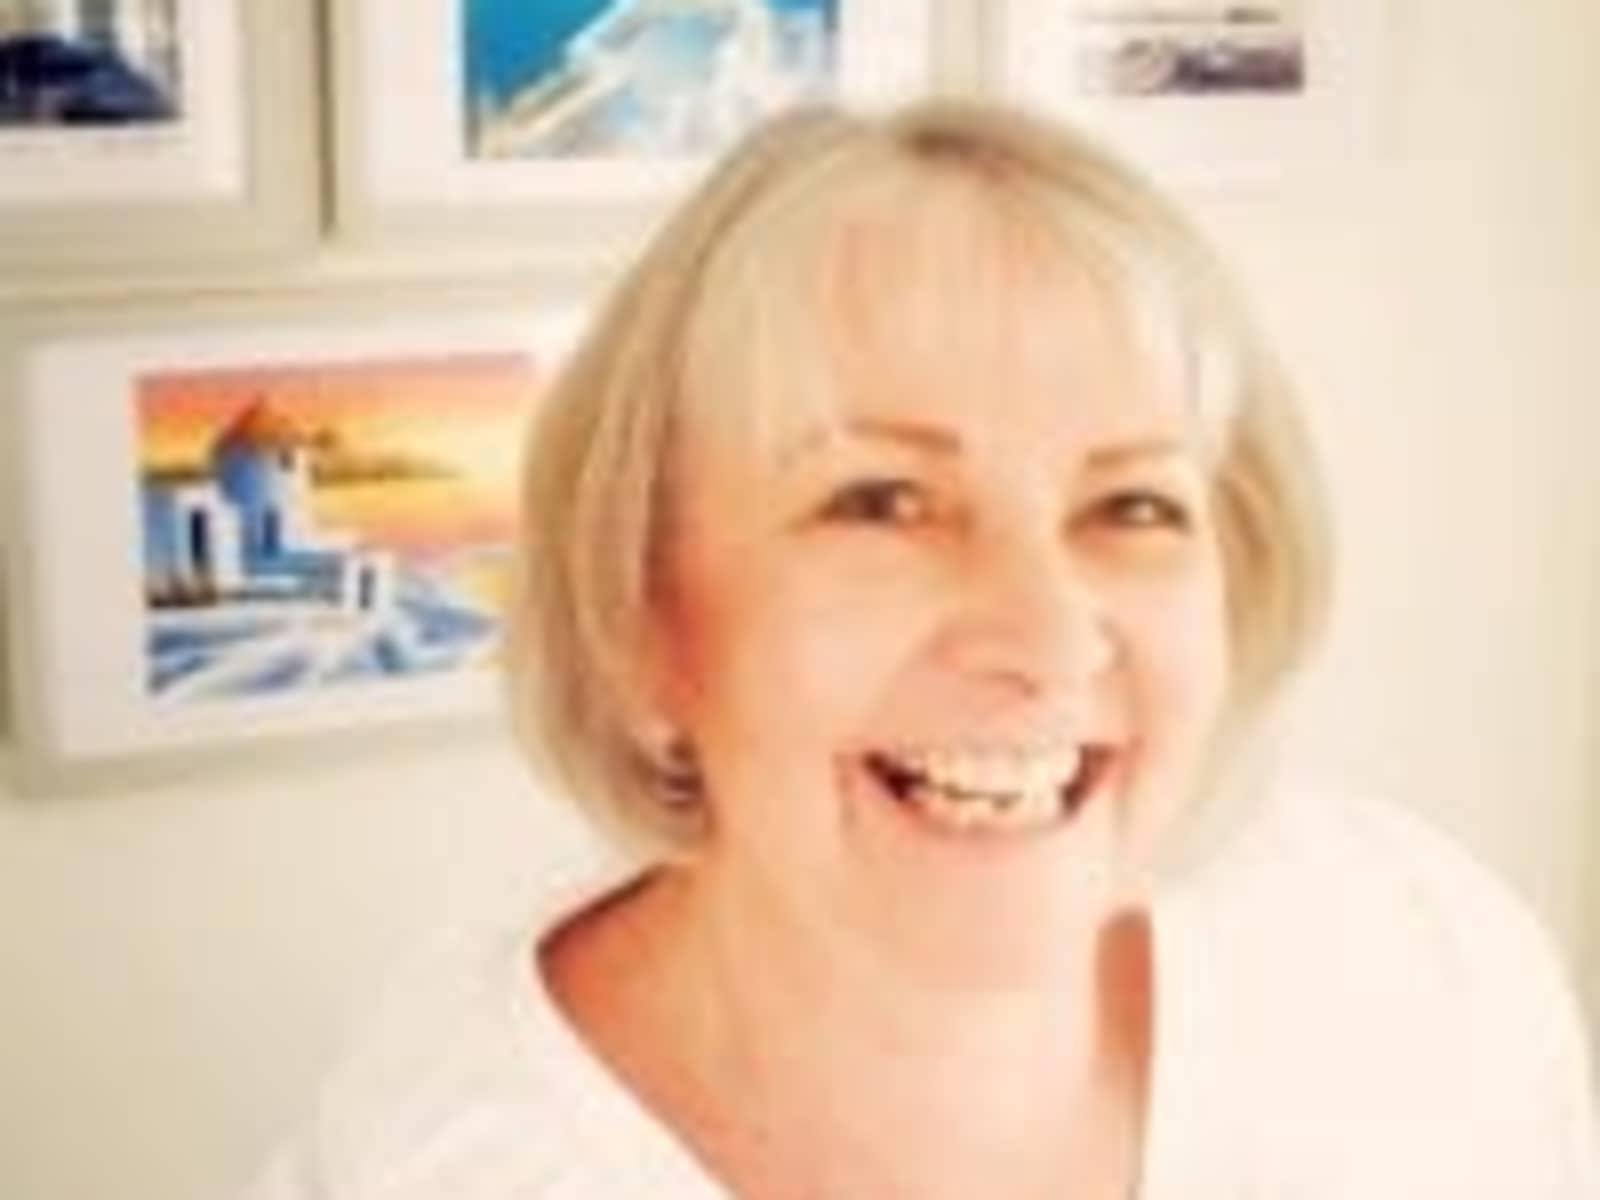 Susan from Brisbane, Queensland, Australia